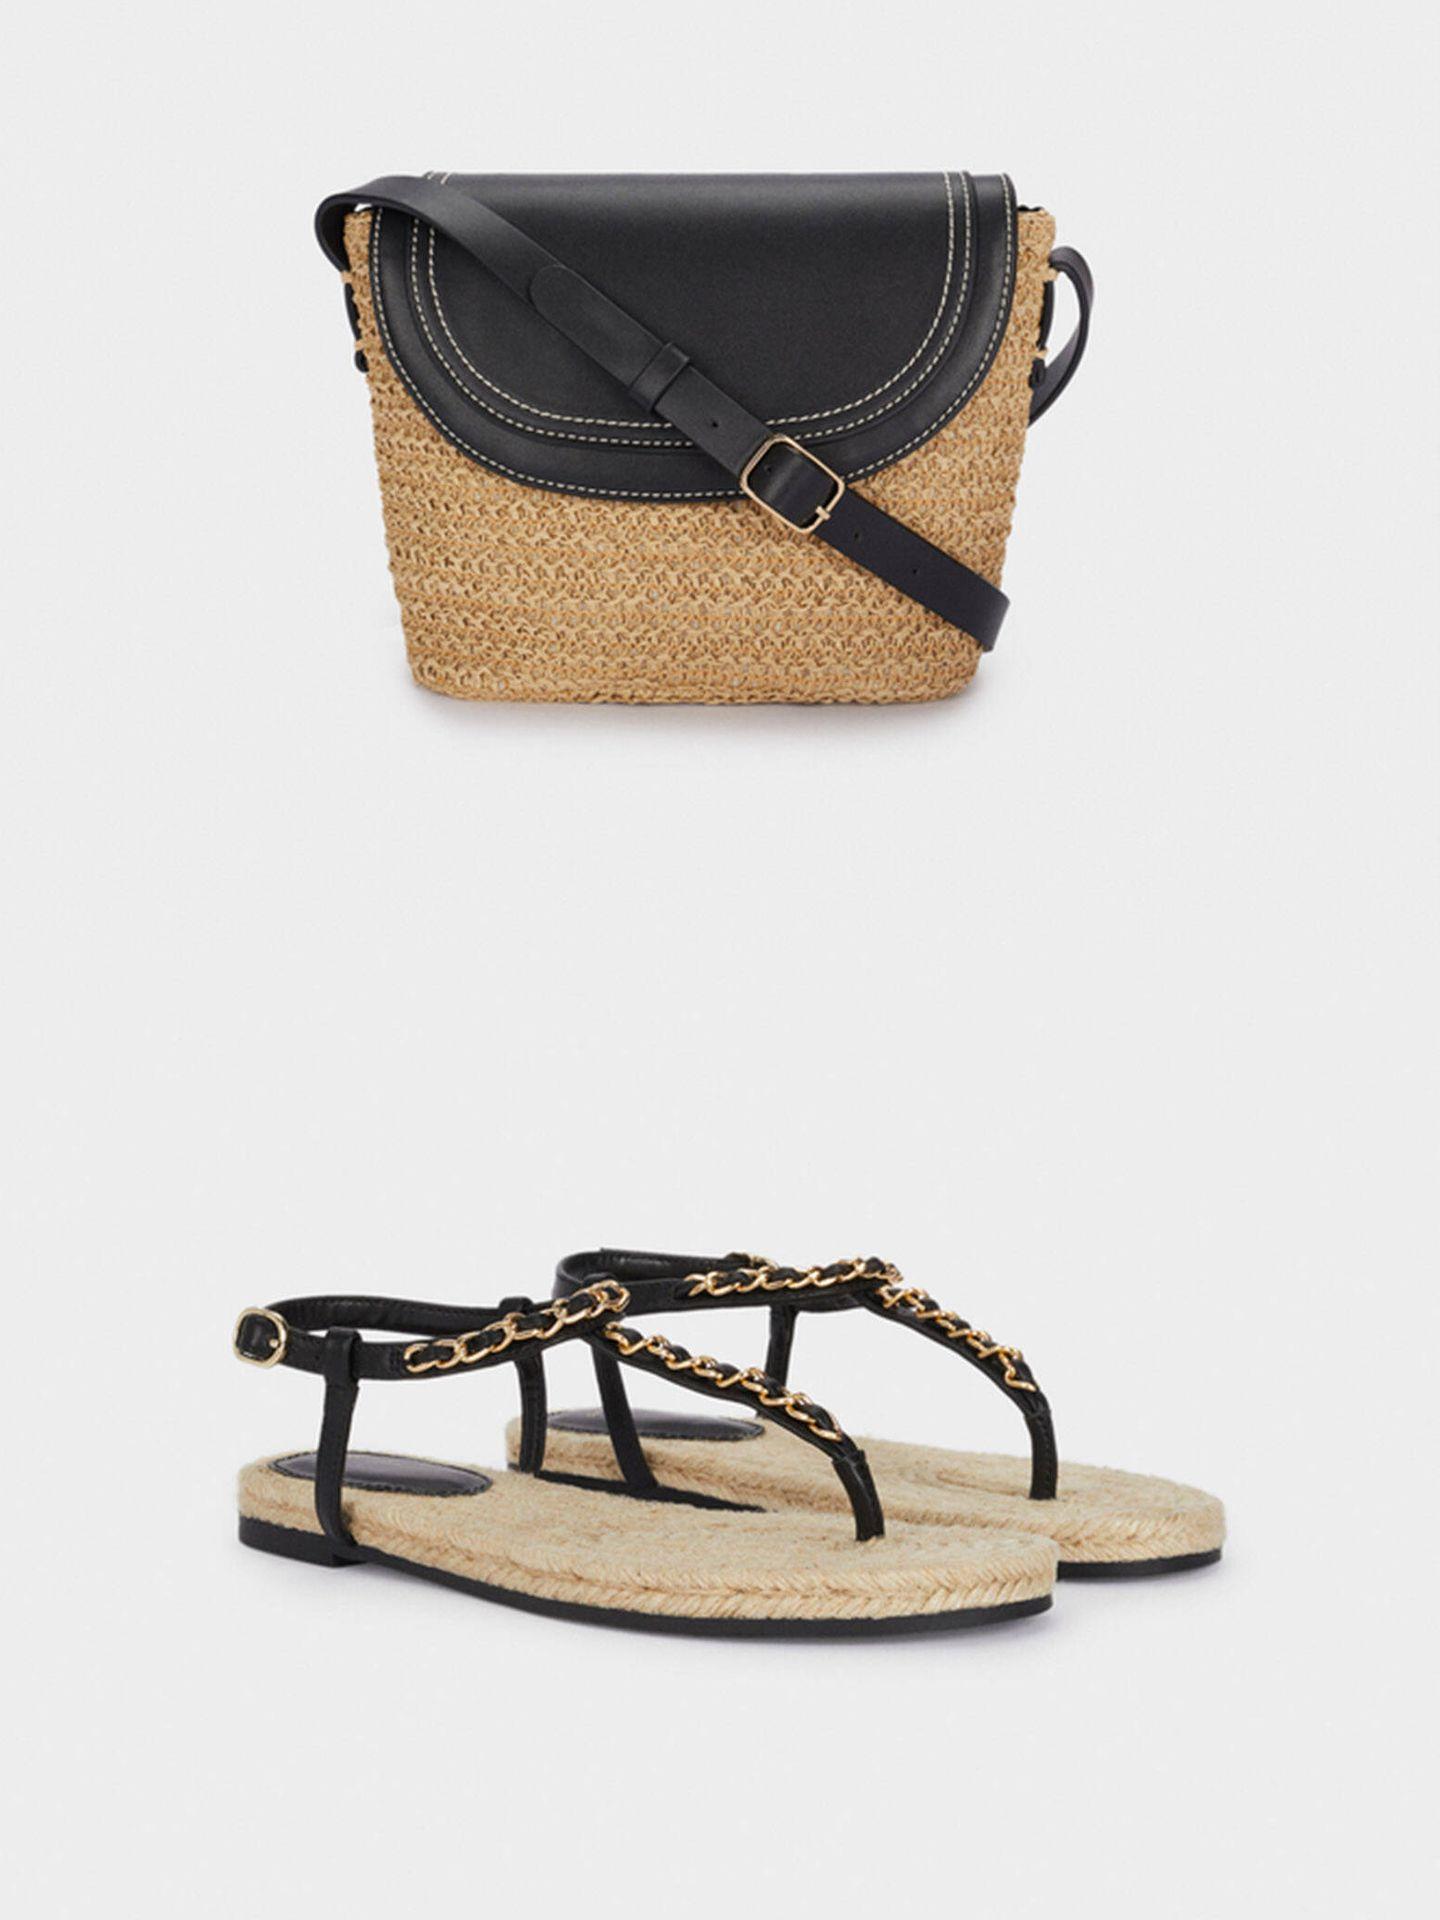 Bolso y sandalias de Parfois. (Cortesía)